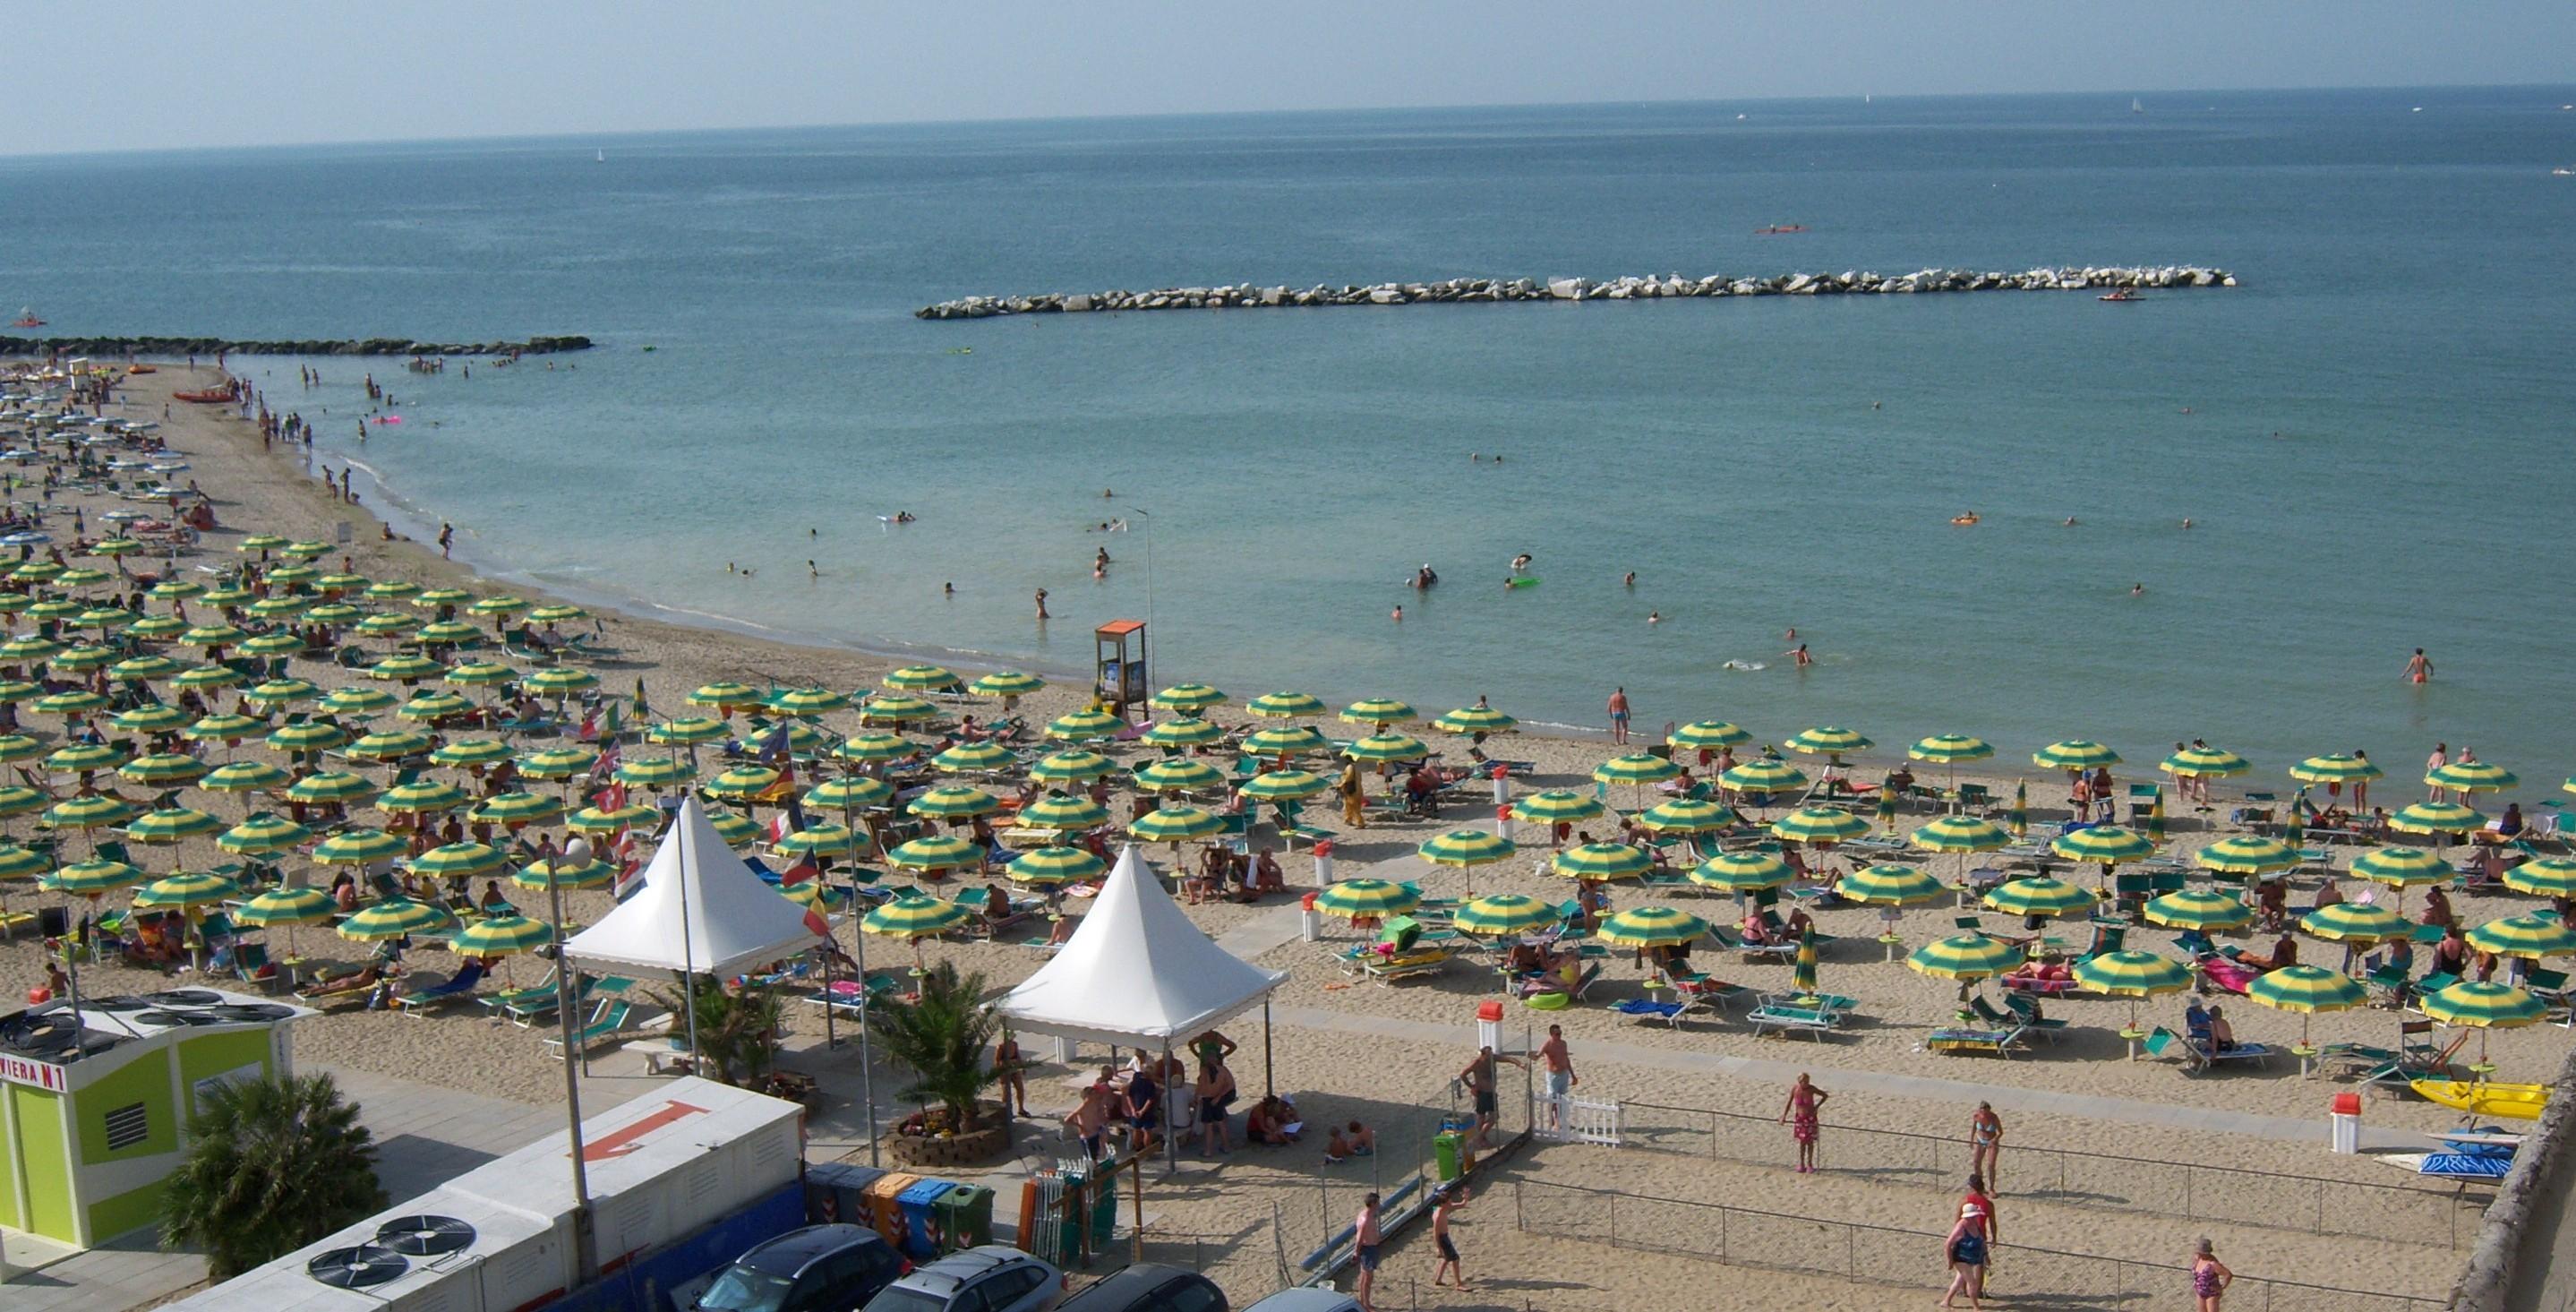 Hotel laika a rivabella di rimini relax e divertimento for Bagno 8 rivabella